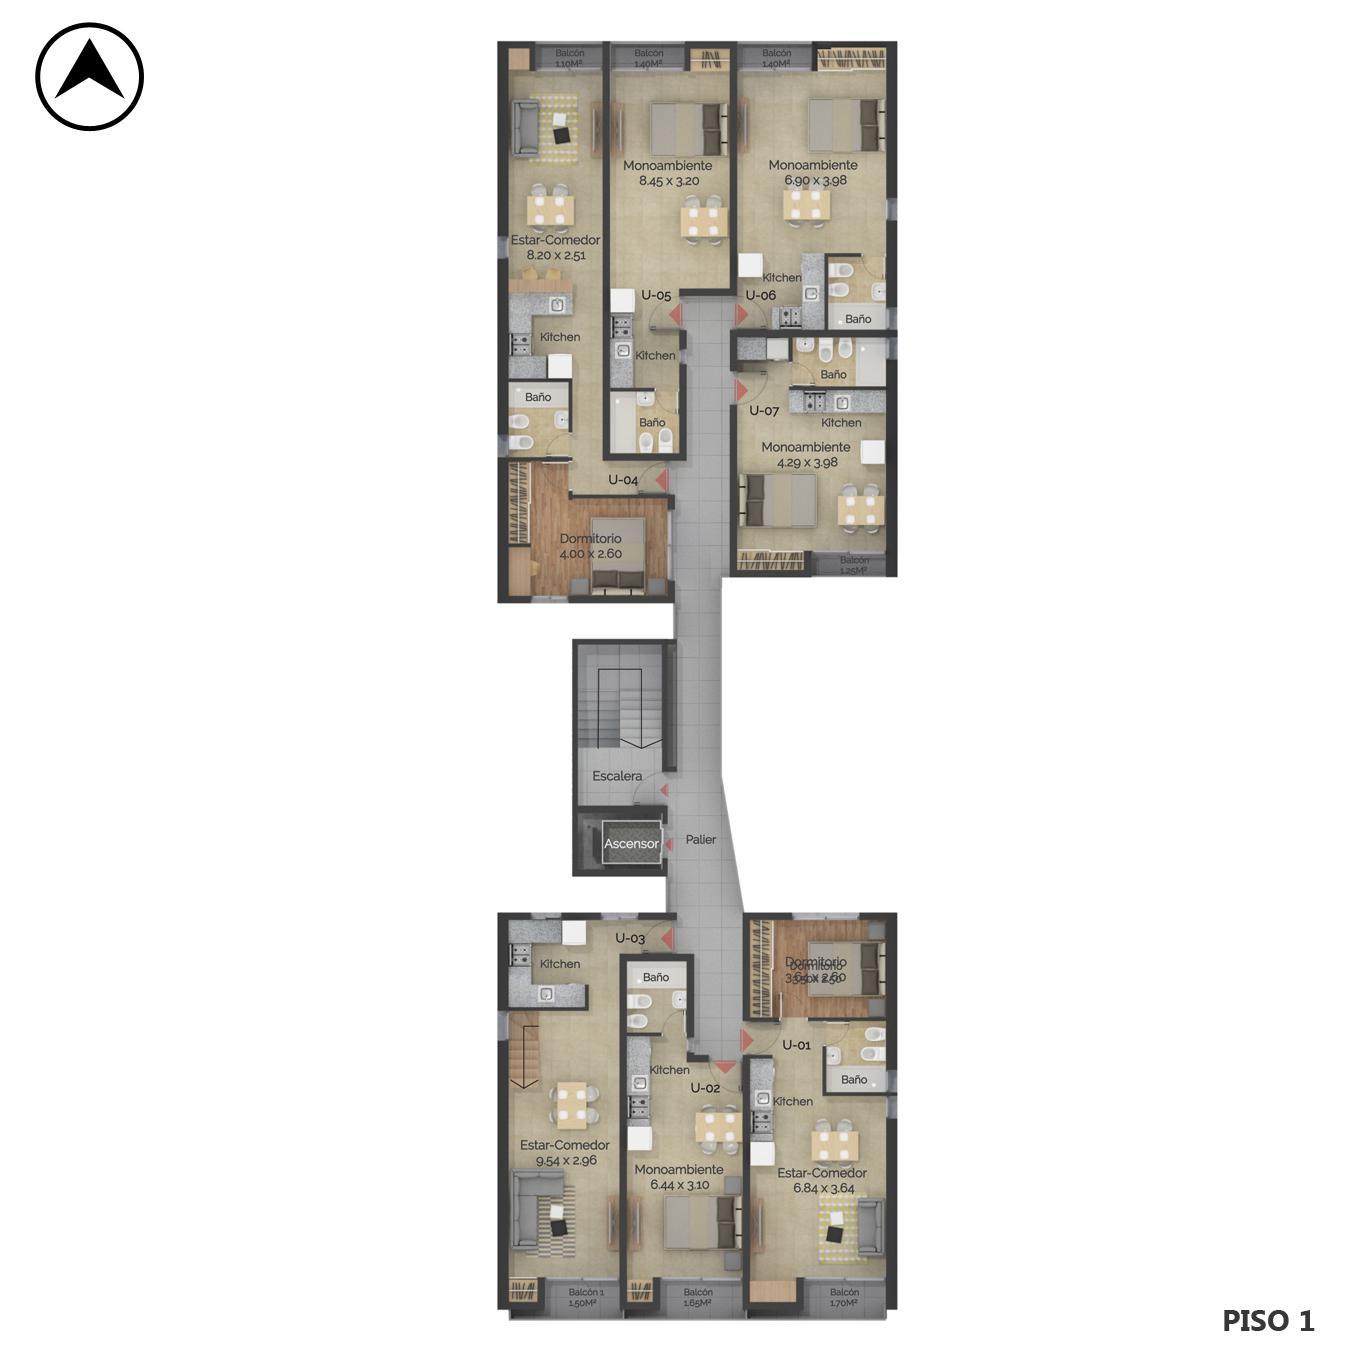 Venta departamento 1 dormitorio Rosario, Centro Oeste. Cod CBU24040 AP2248111. Crestale Propiedades